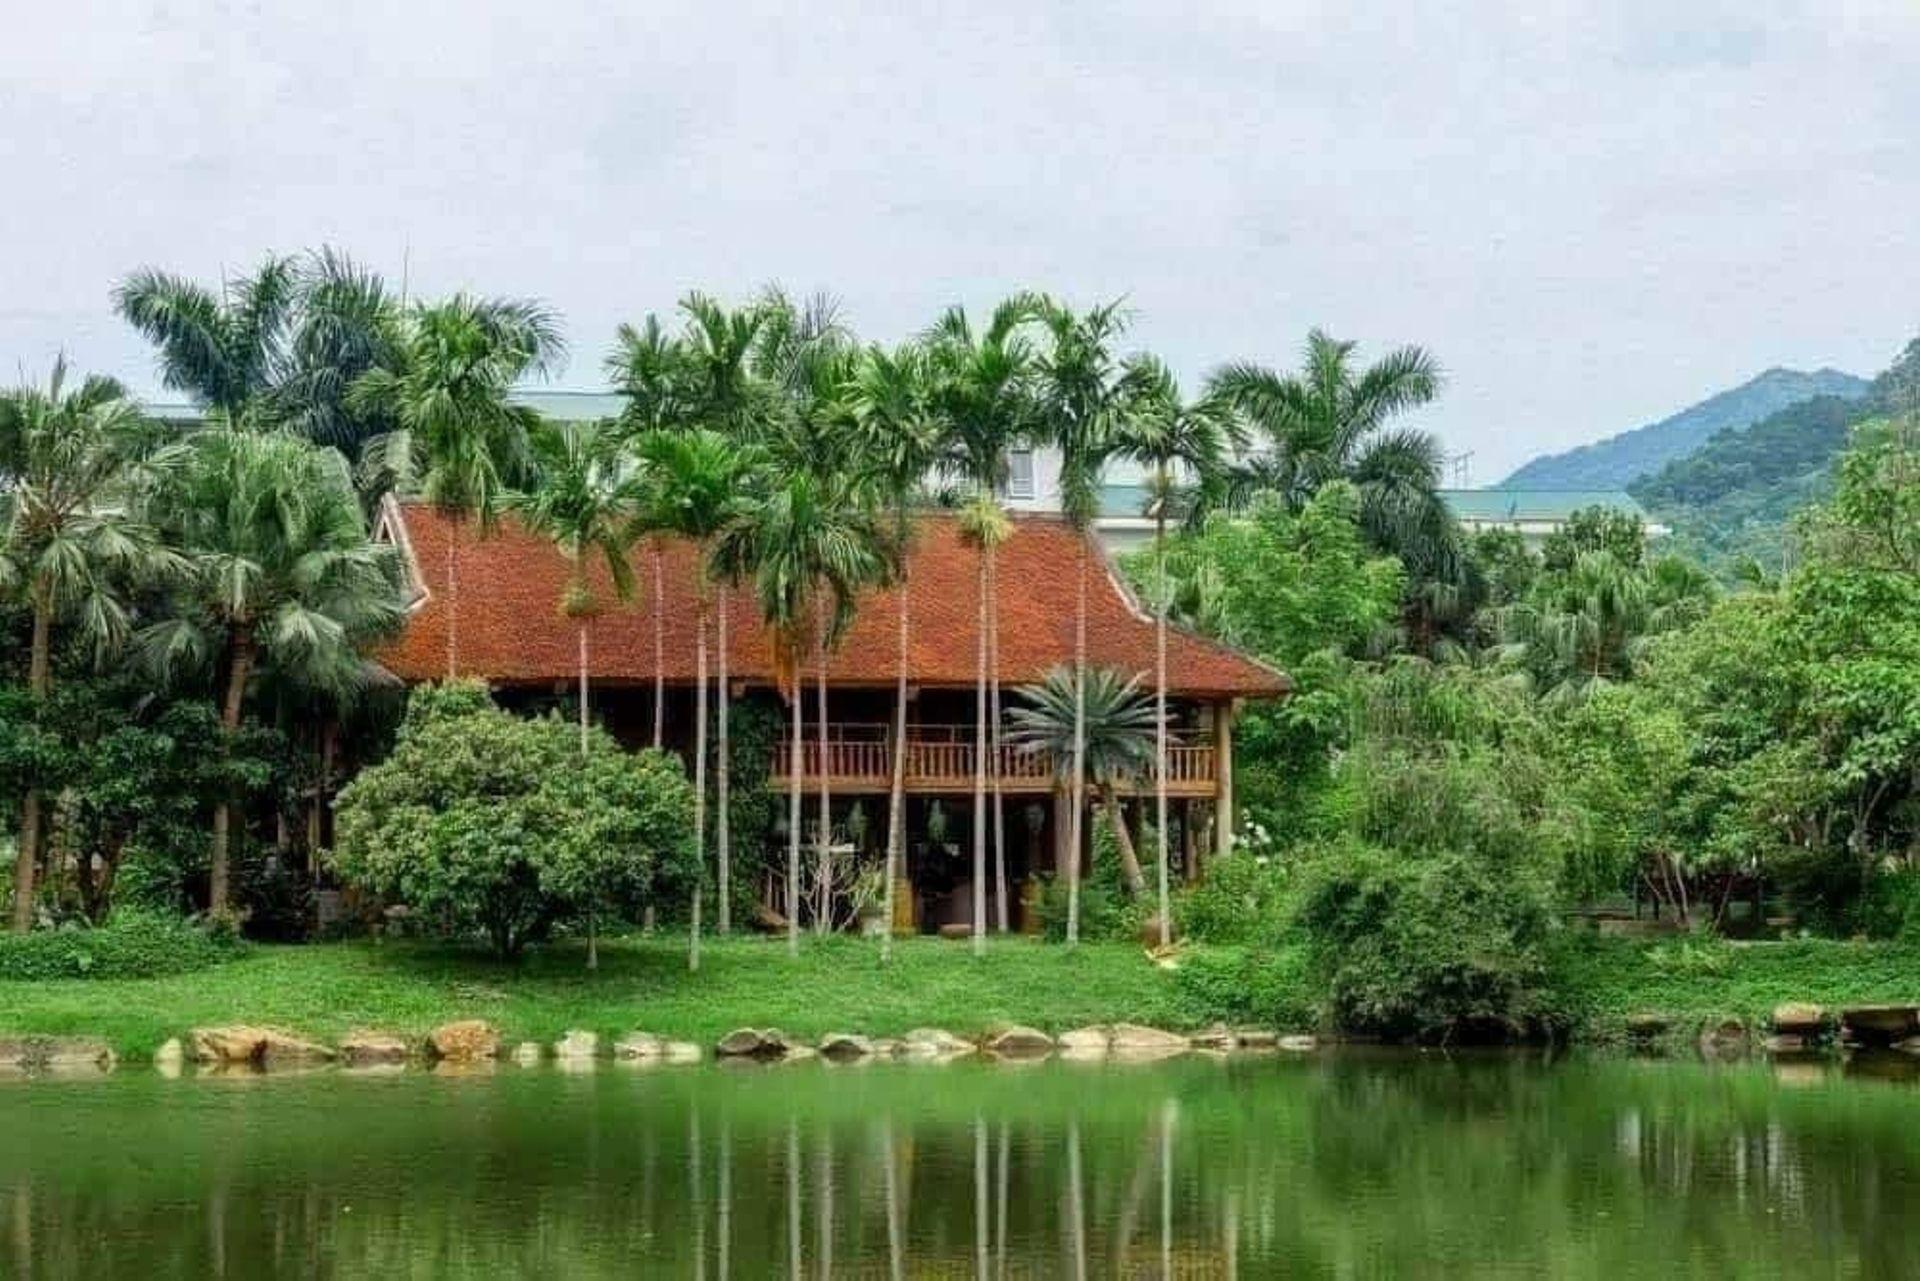 khong-gian-family-resort-ba-vi-ha-noi-4